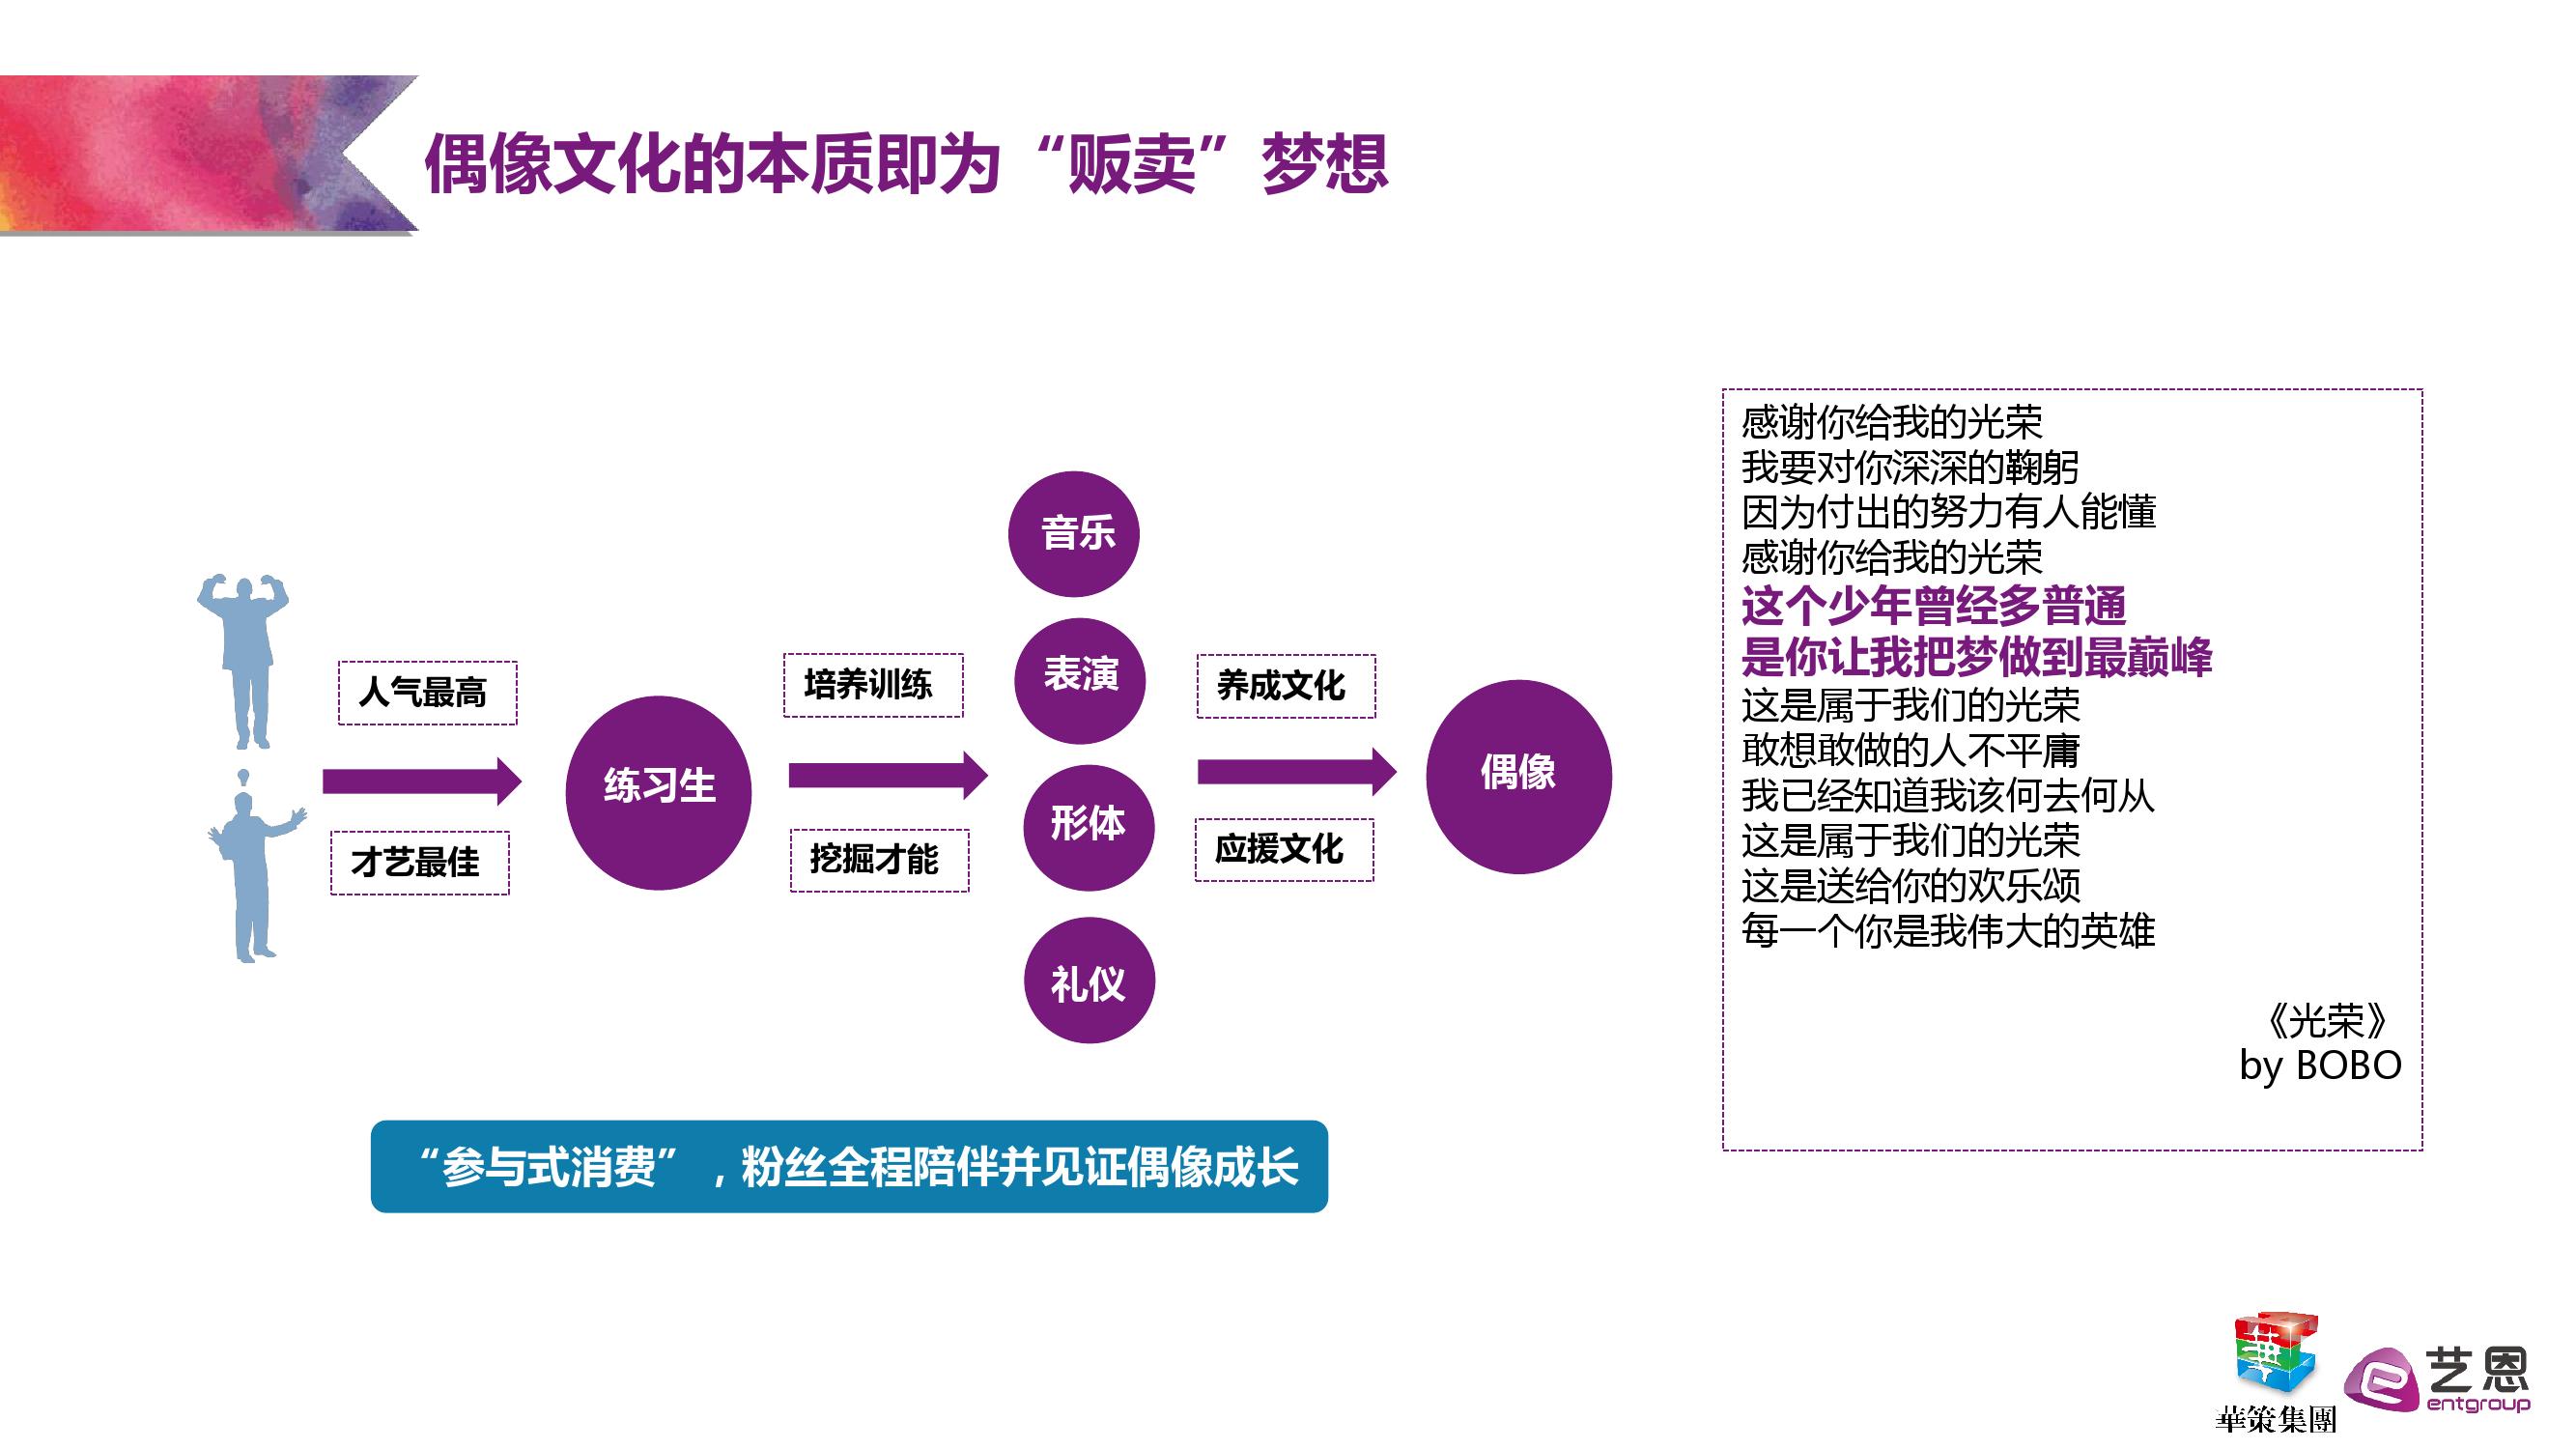 艺恩:粉丝经济研究报告_000008